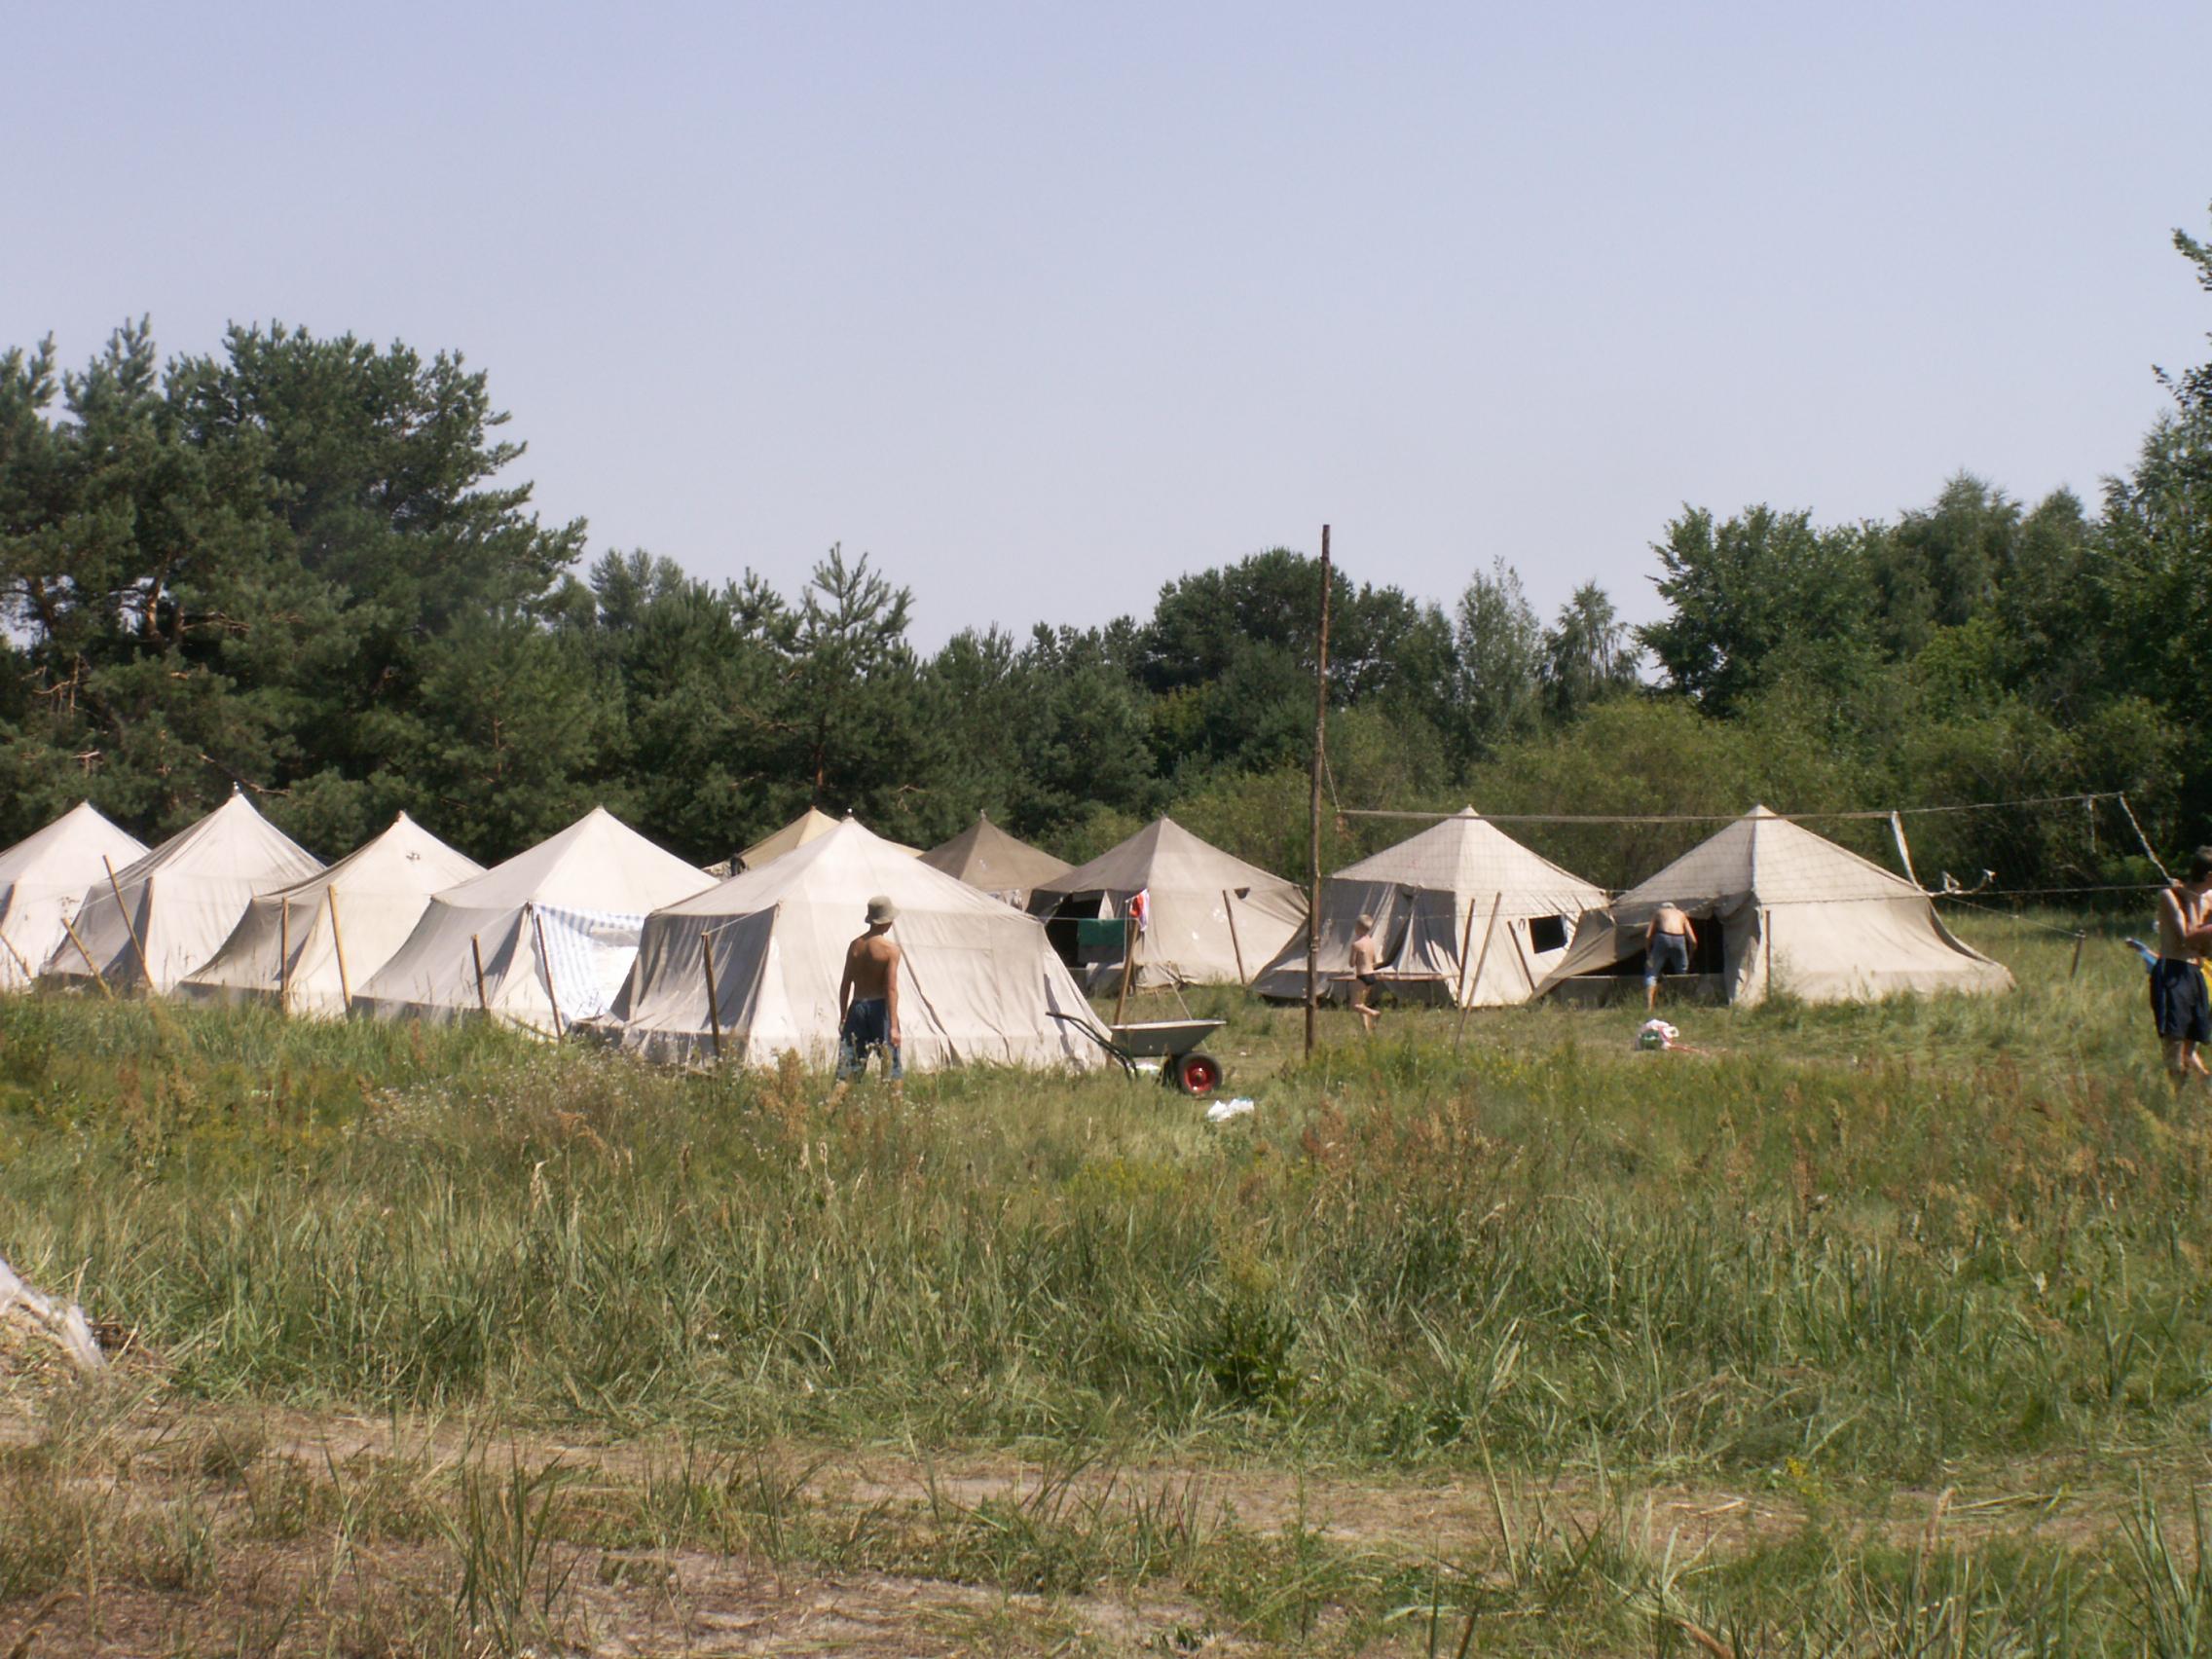 Children's Campground Robison (2003)